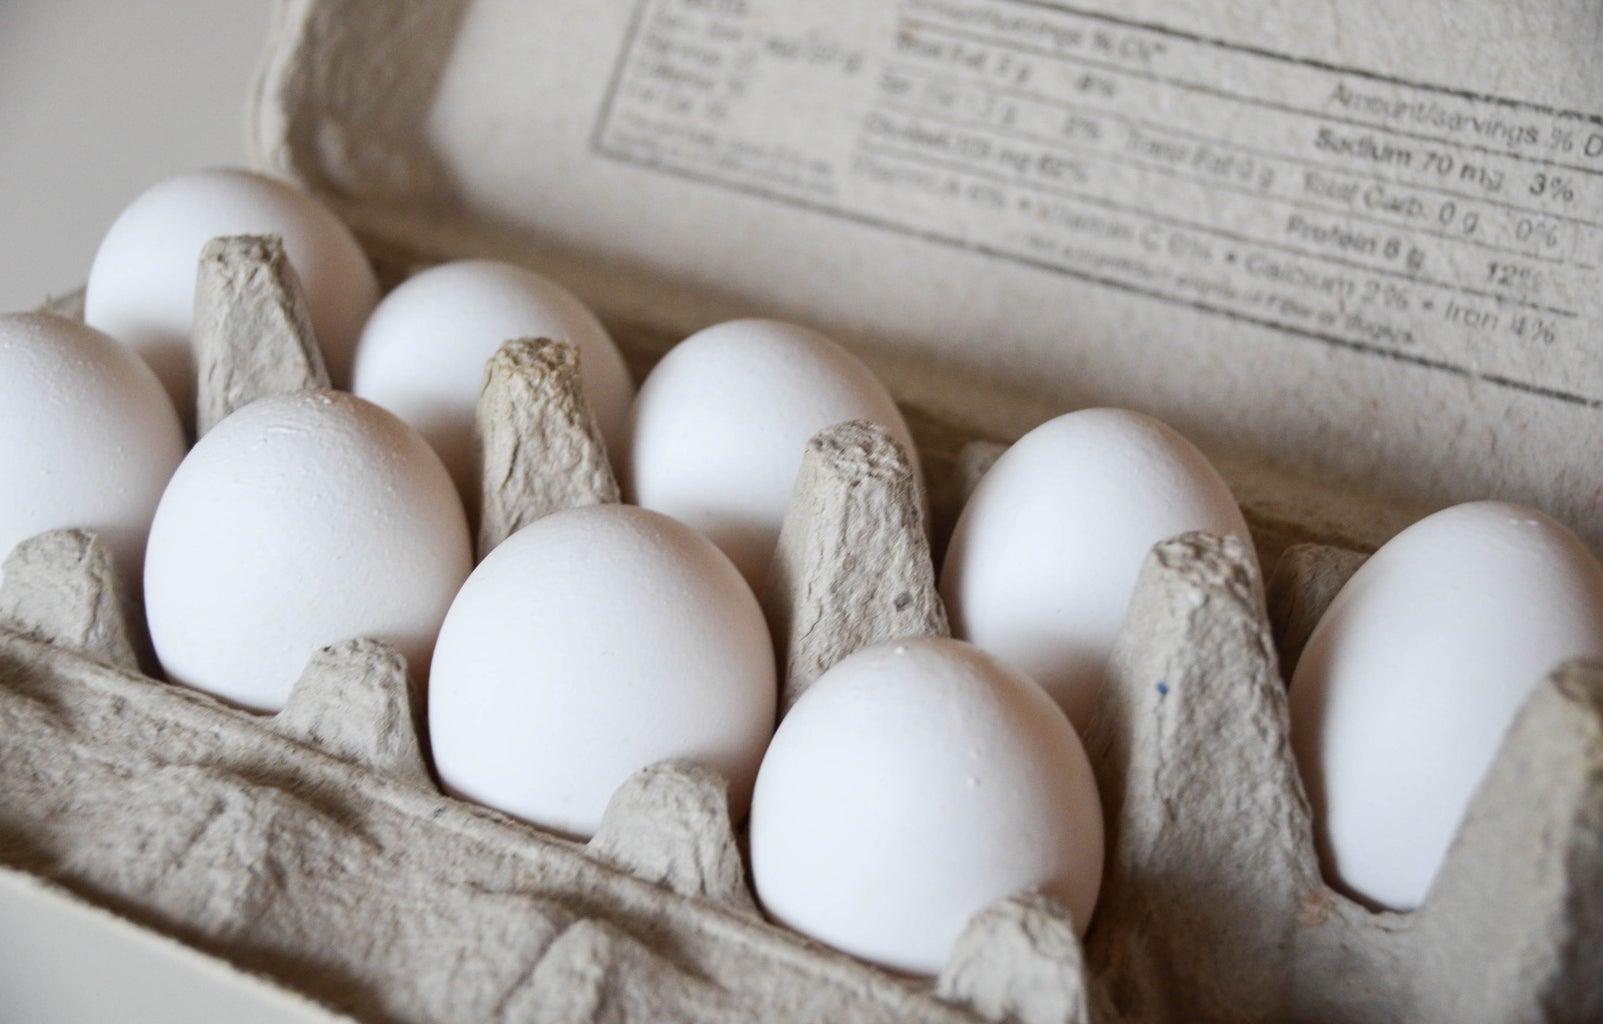 Eggs Egg Carton